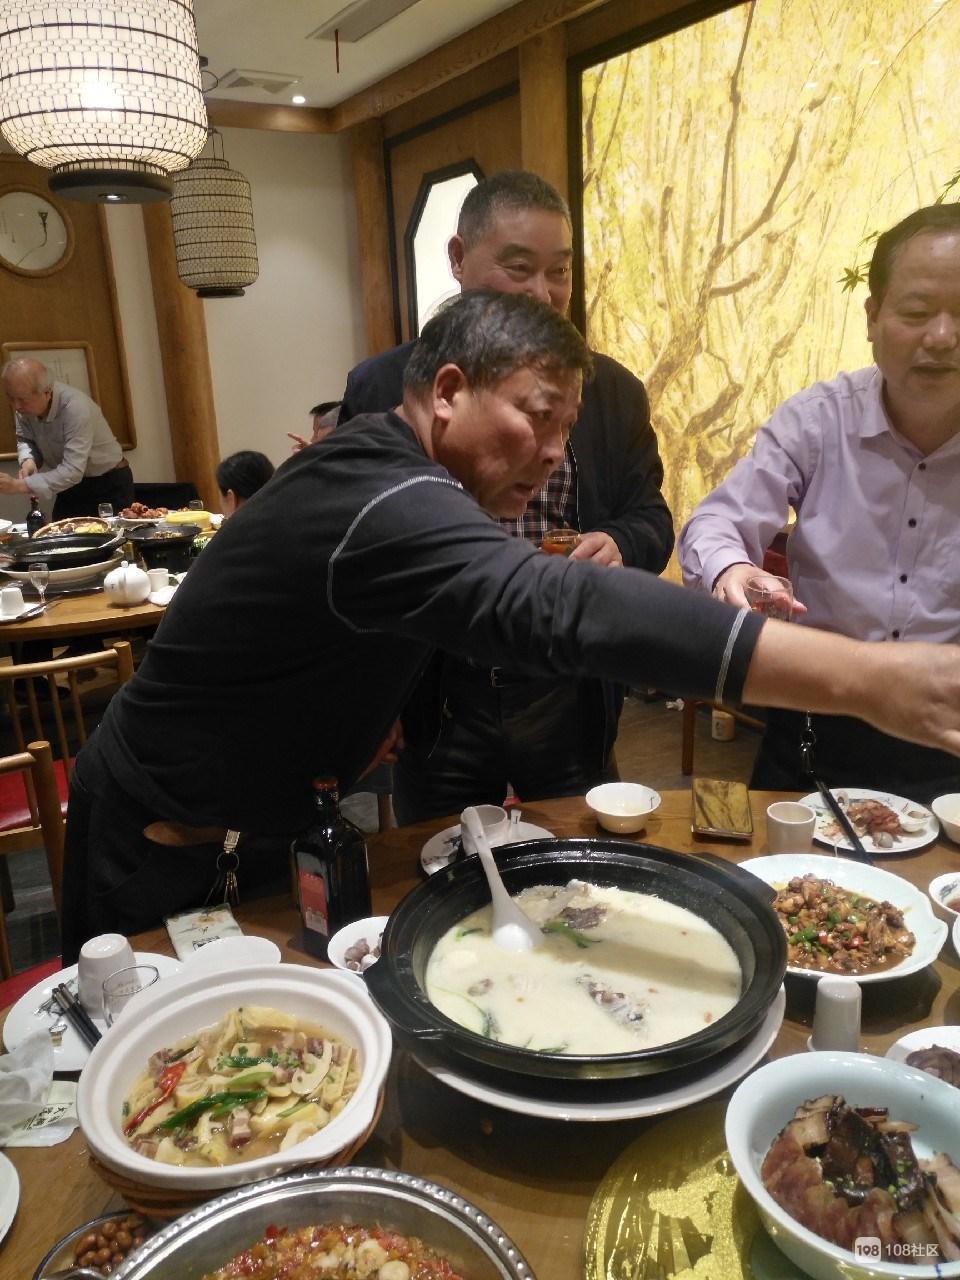 德清男子与当年老战友相聚,满满大桌子,全是情谊!